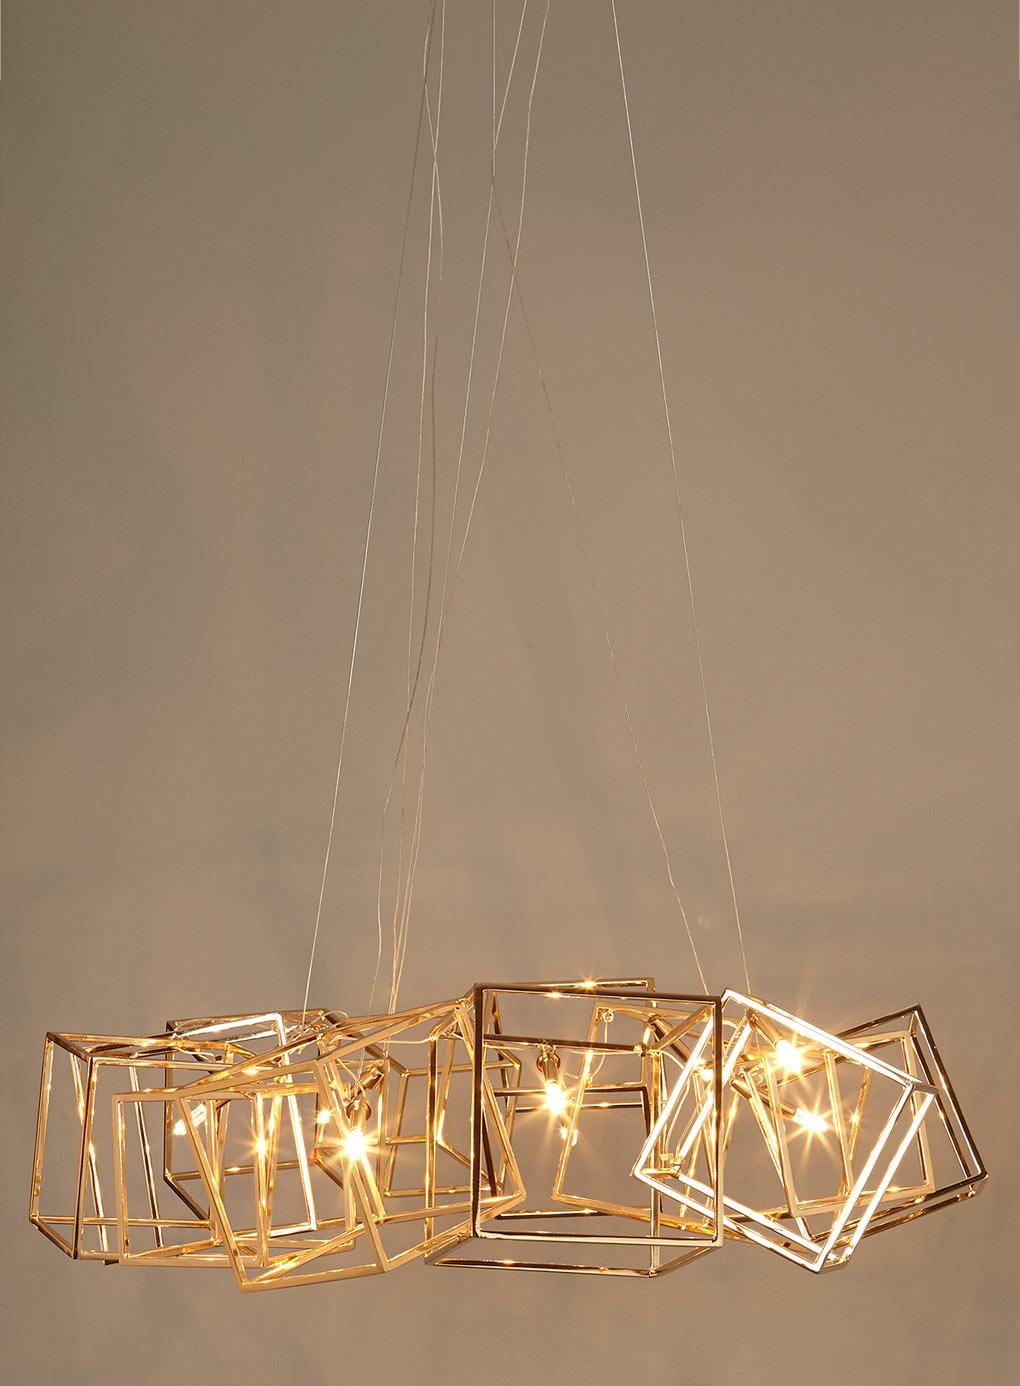 Bhs Gold Wall Lights : Dexter 9 - #tidylife